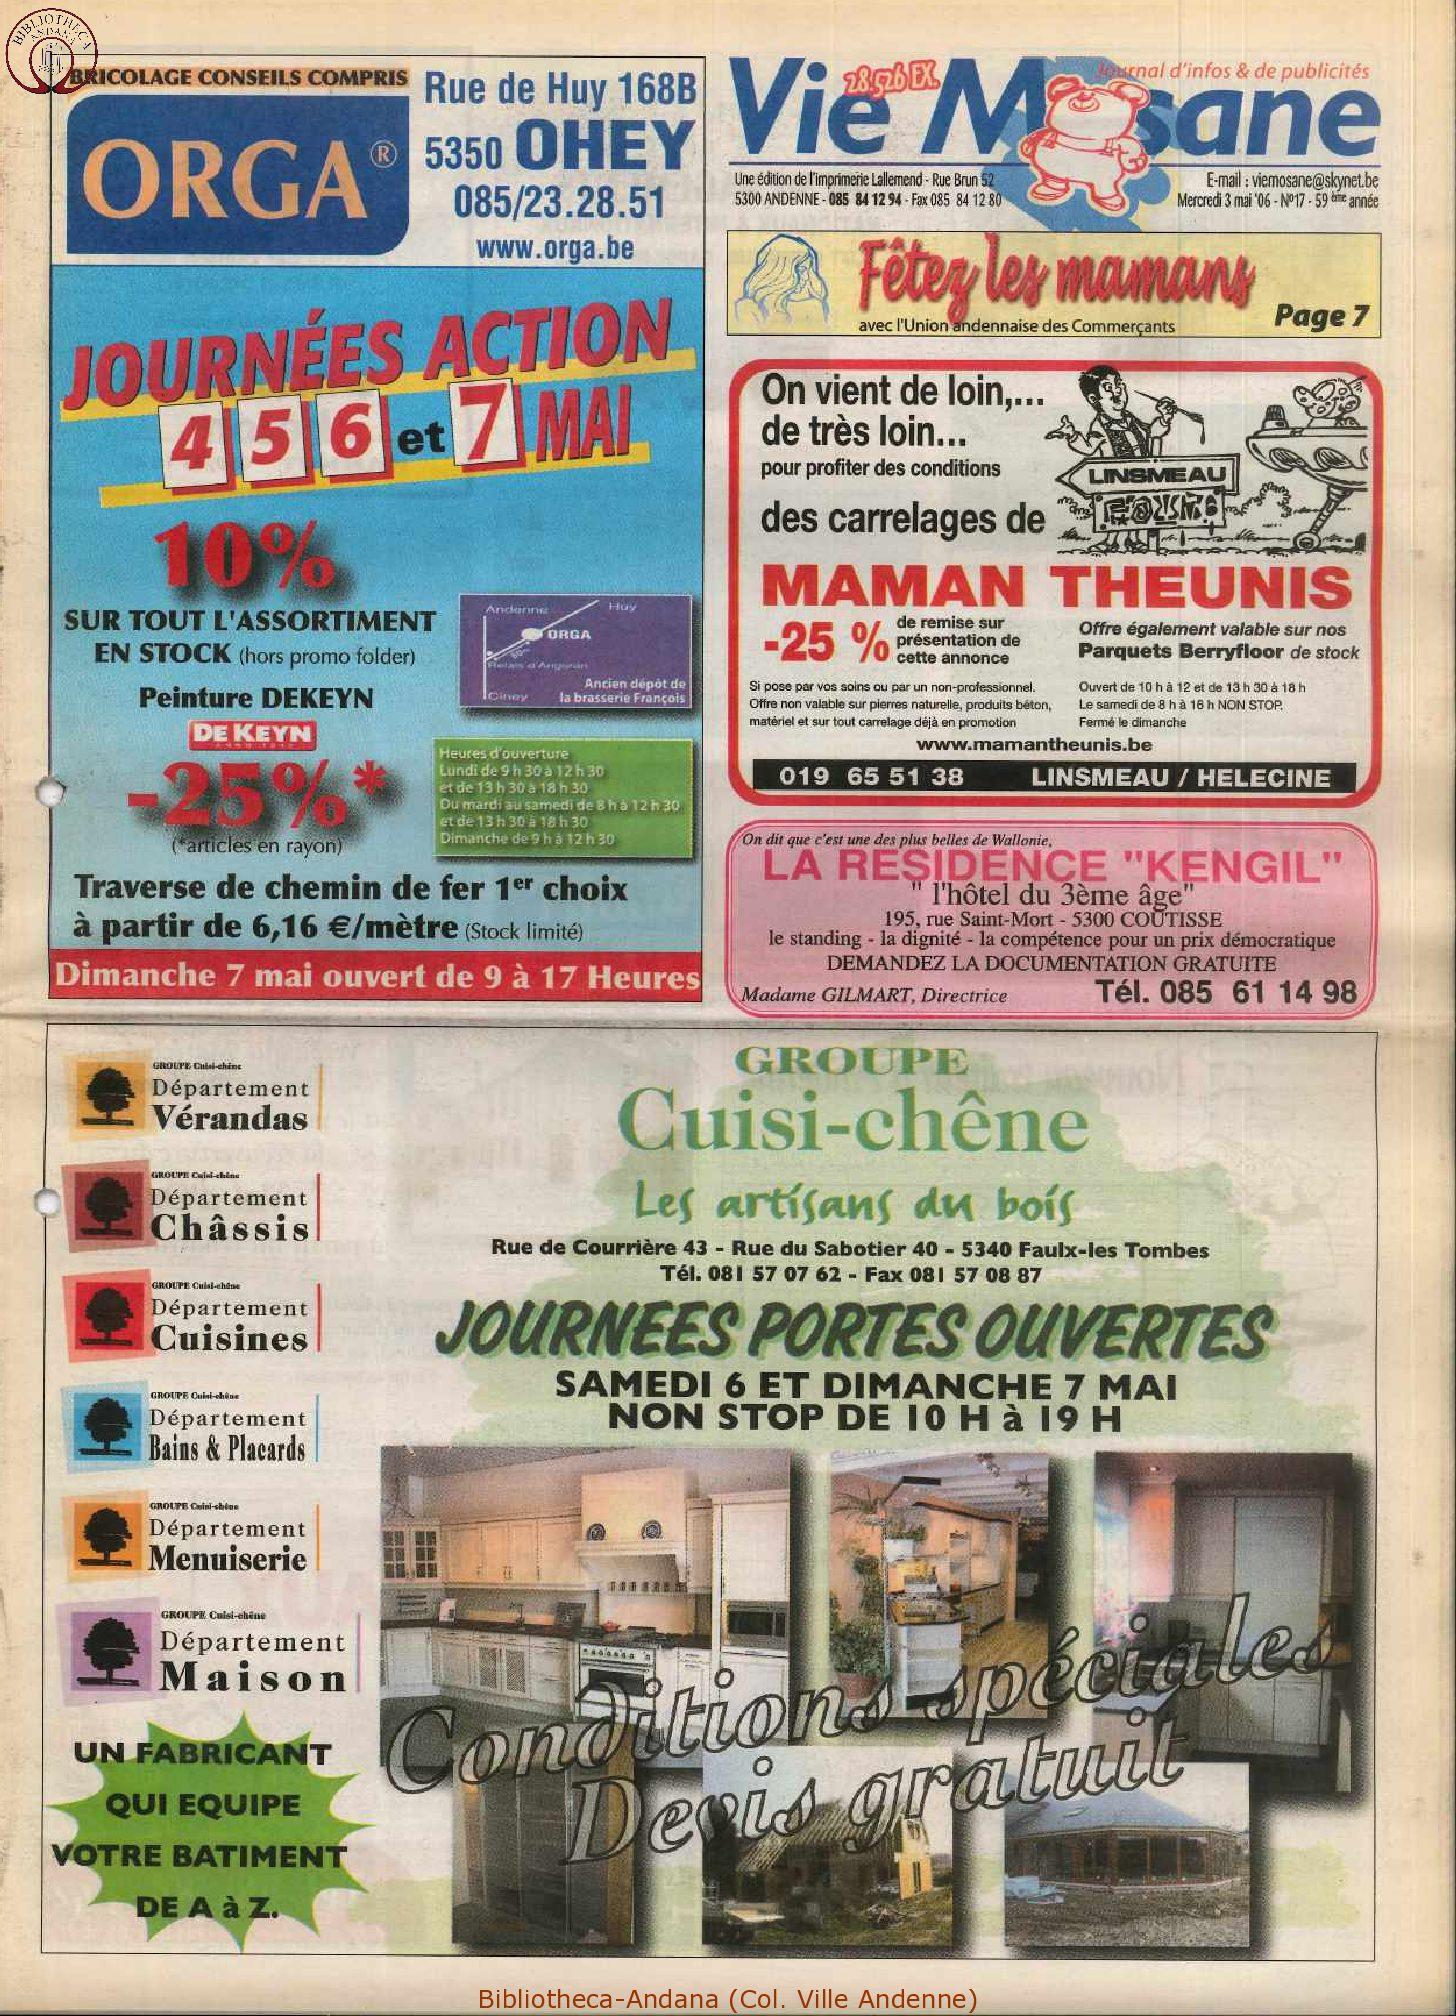 59e année - n°17 - 3 mai 2006